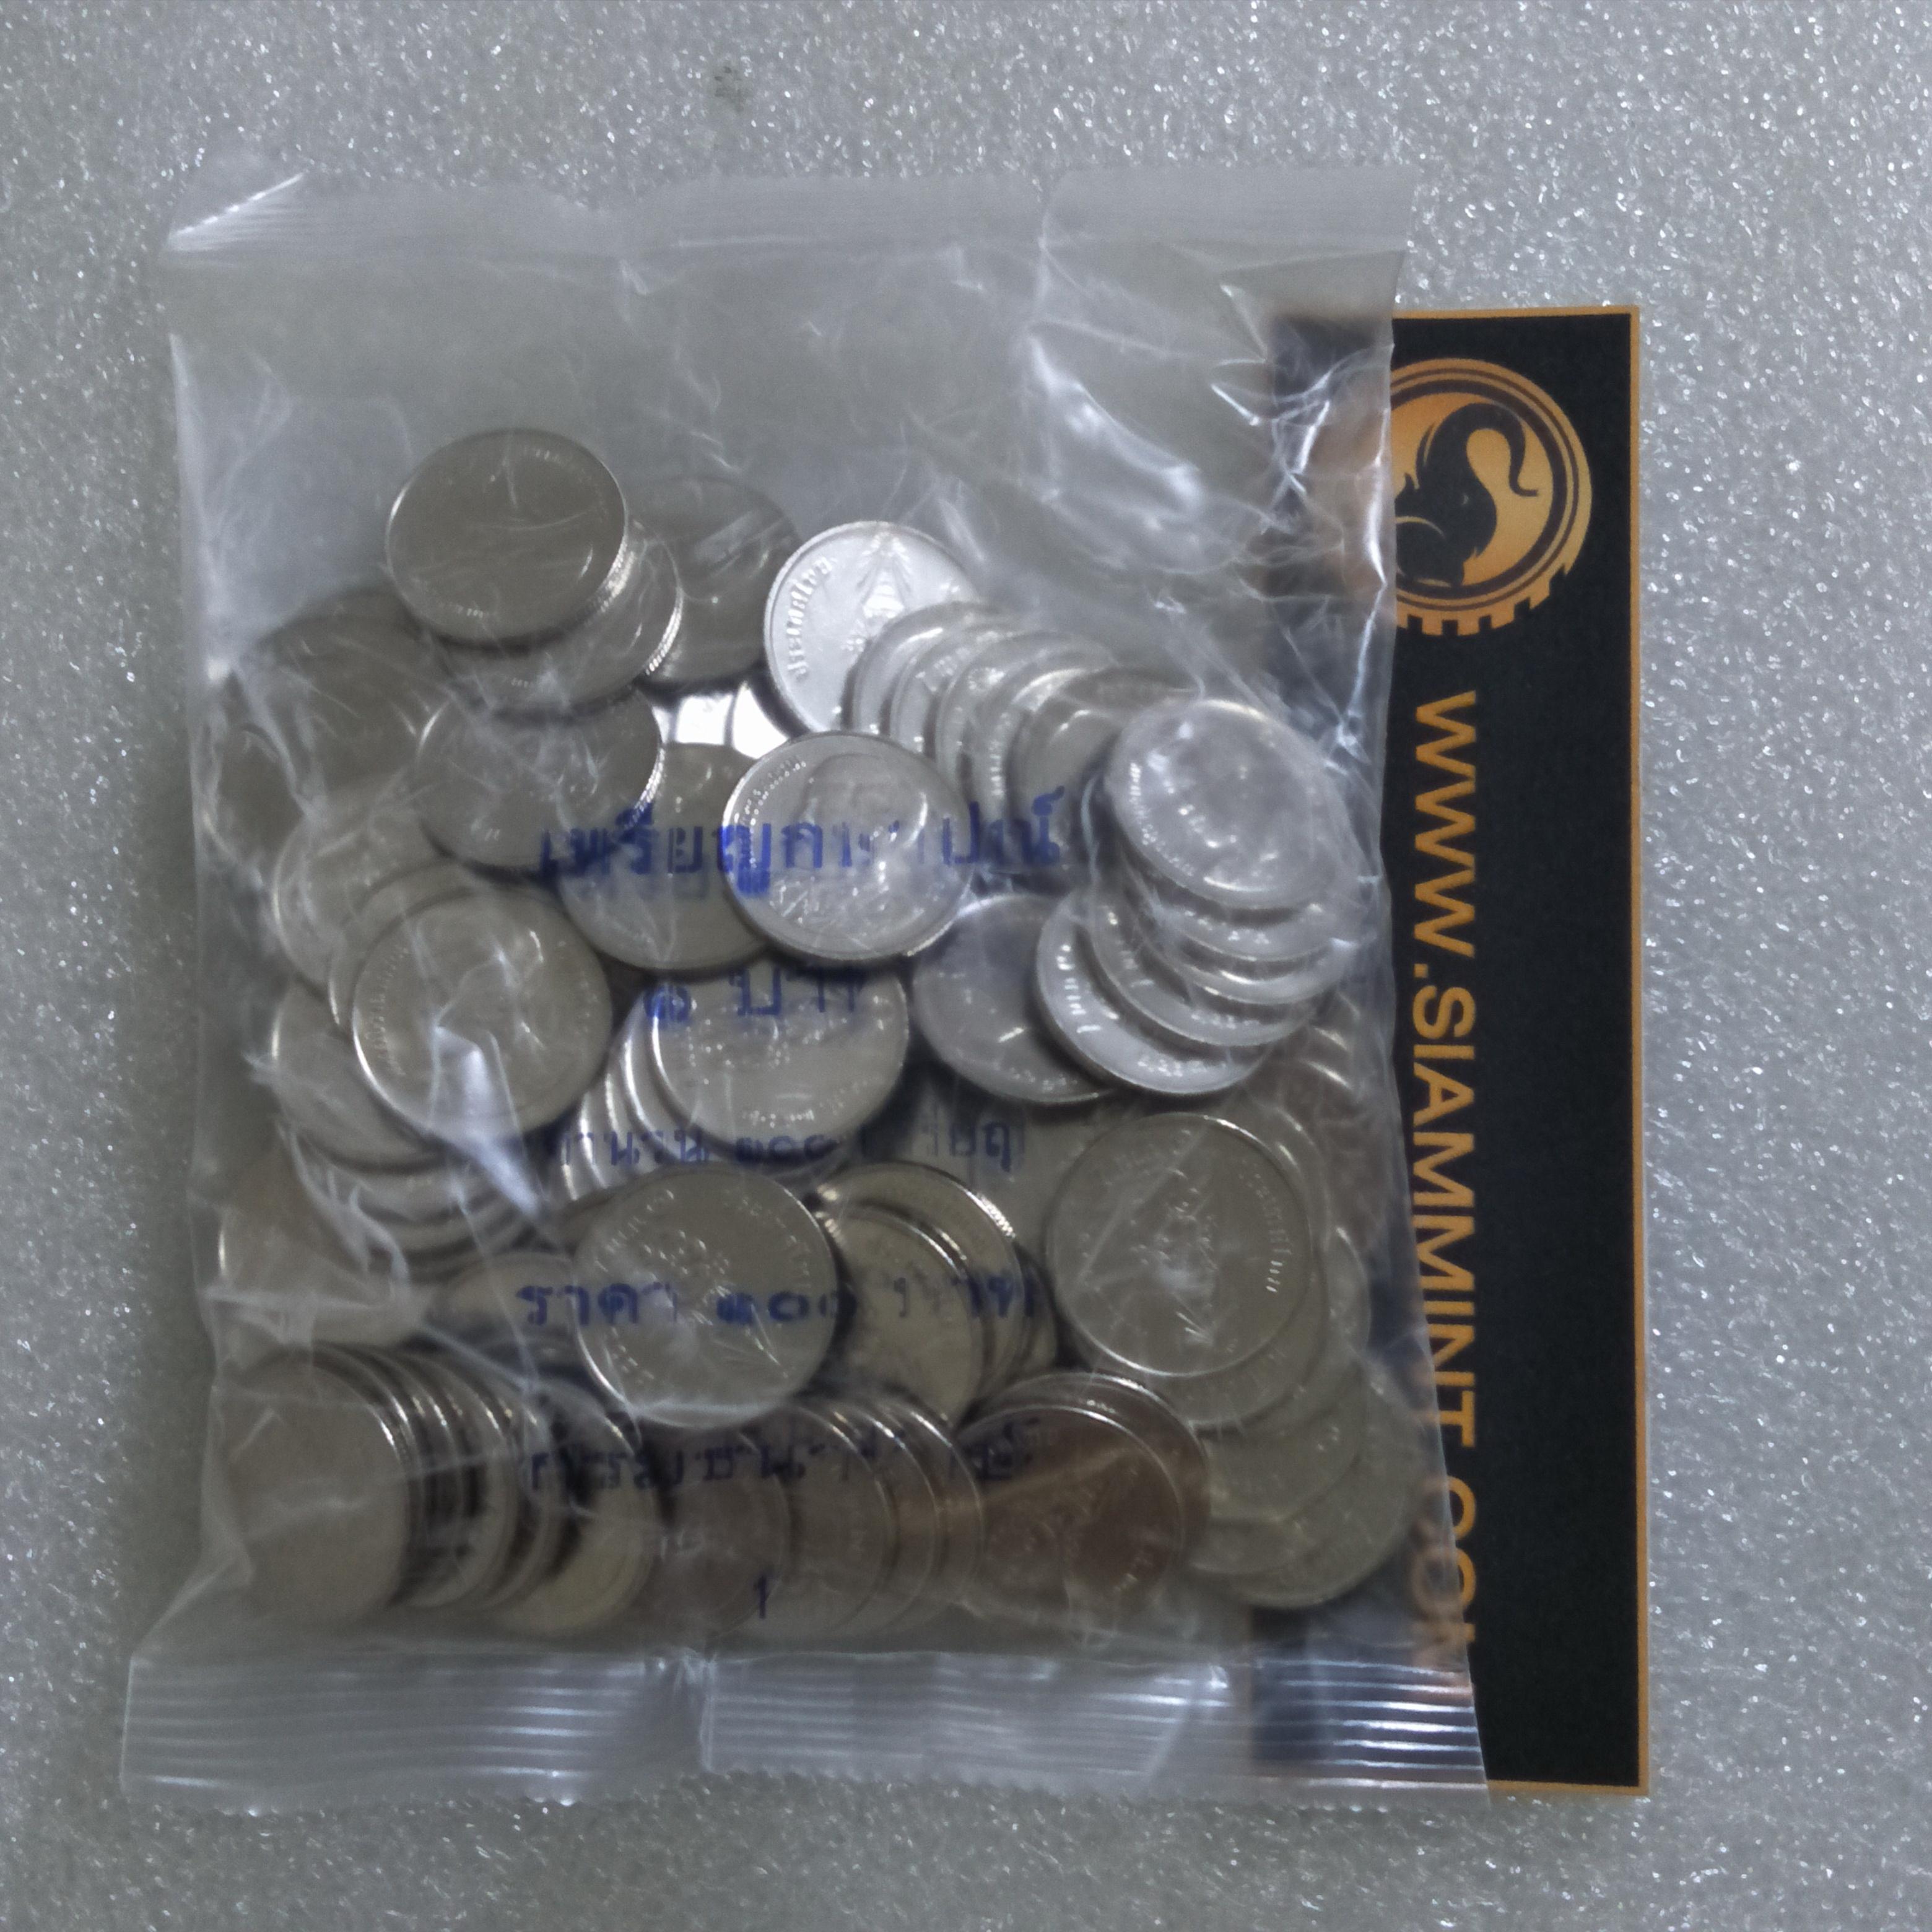 เหรียญ 1 บาท 2562 ยกถุง UNC